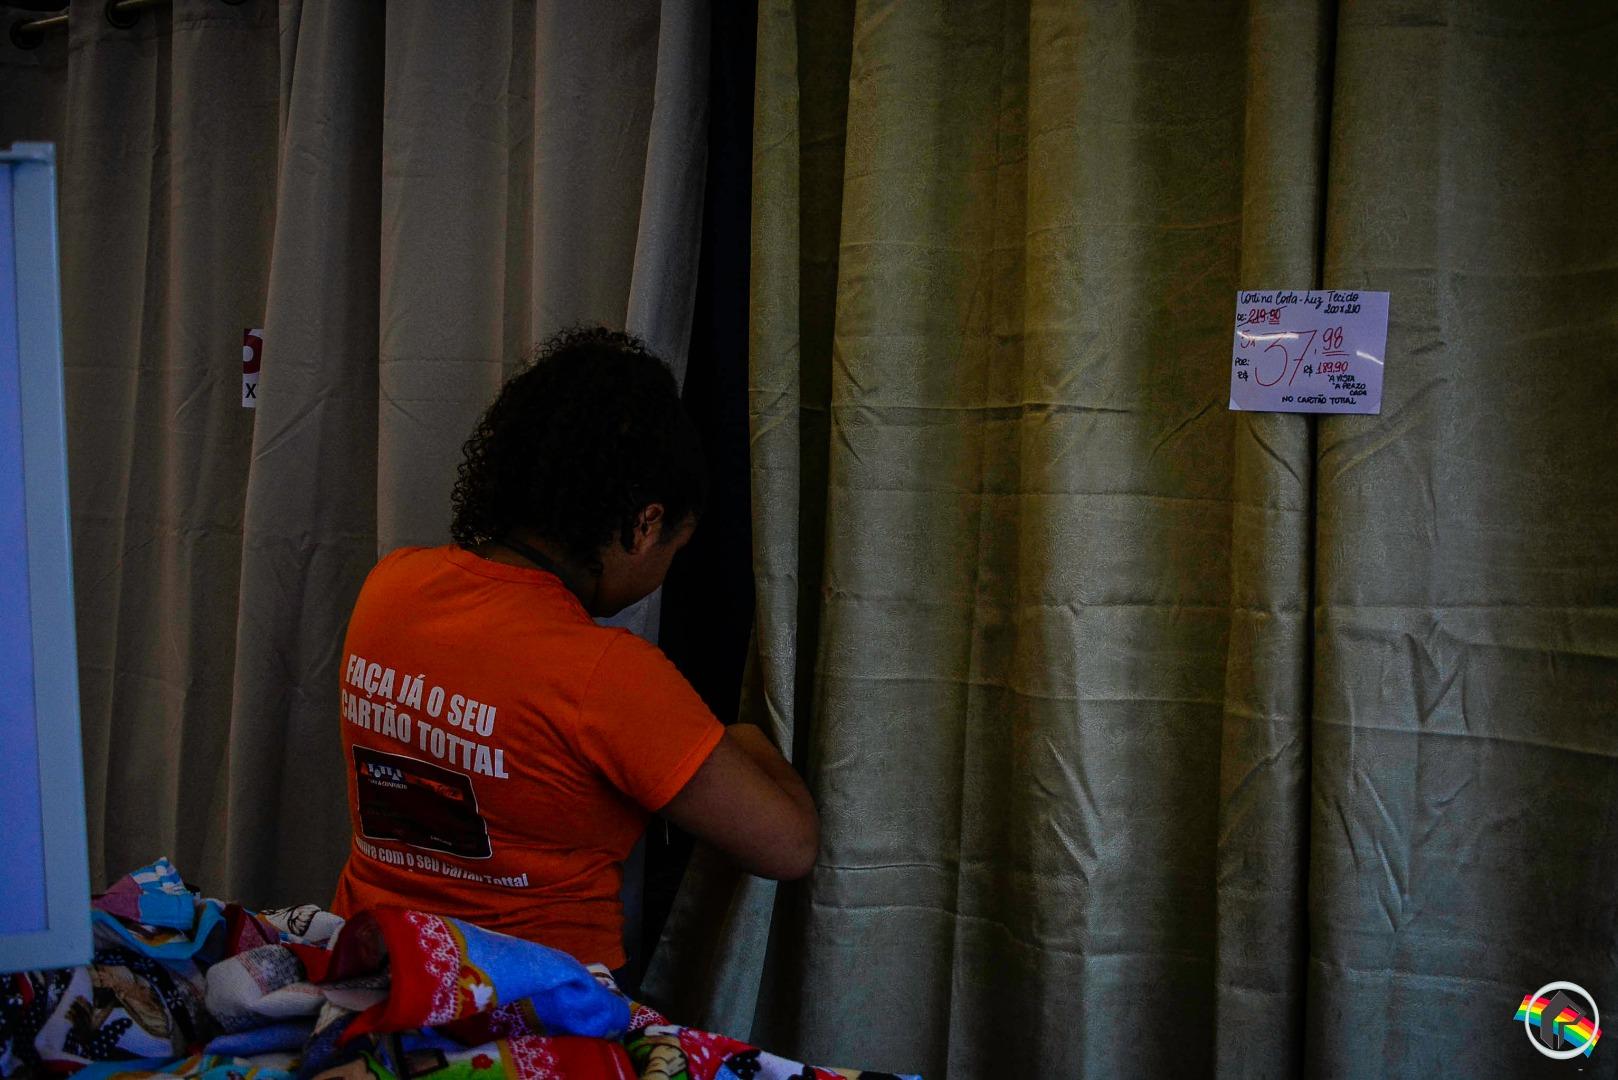 Tottal Casa e Conforto abre suas portas em São Miguel do Oeste